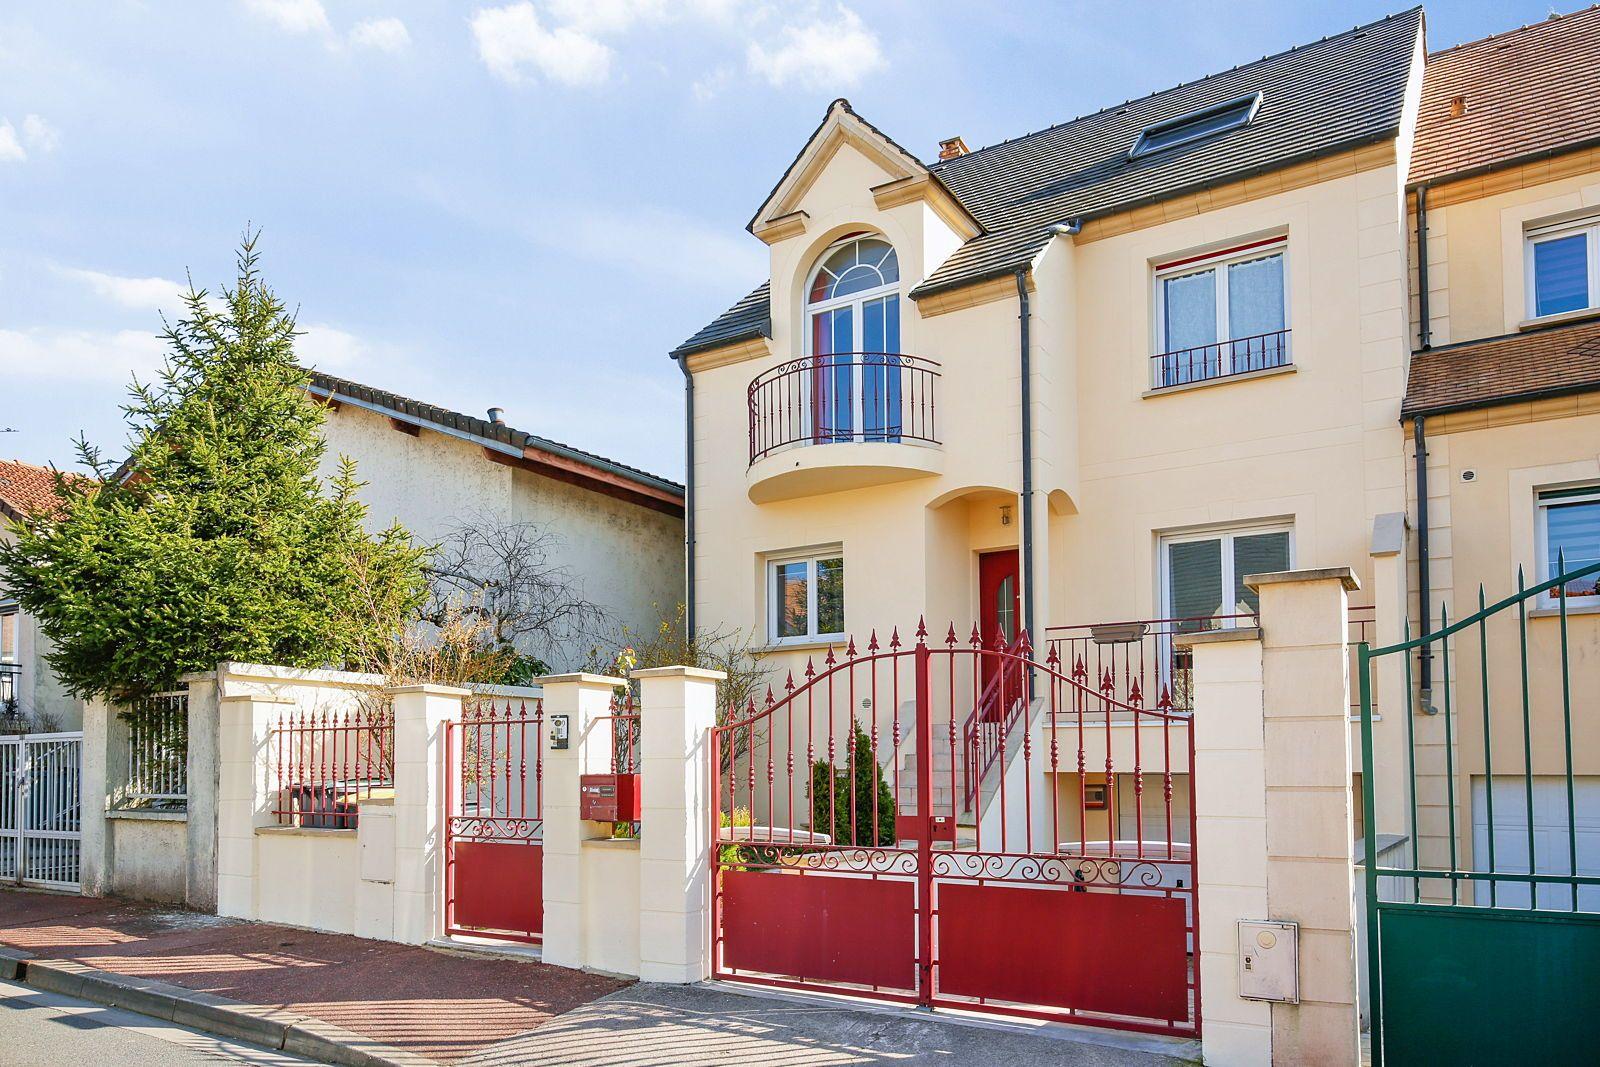 Vends splendide maison de ville - 203m² - Rue de Reims - Antony